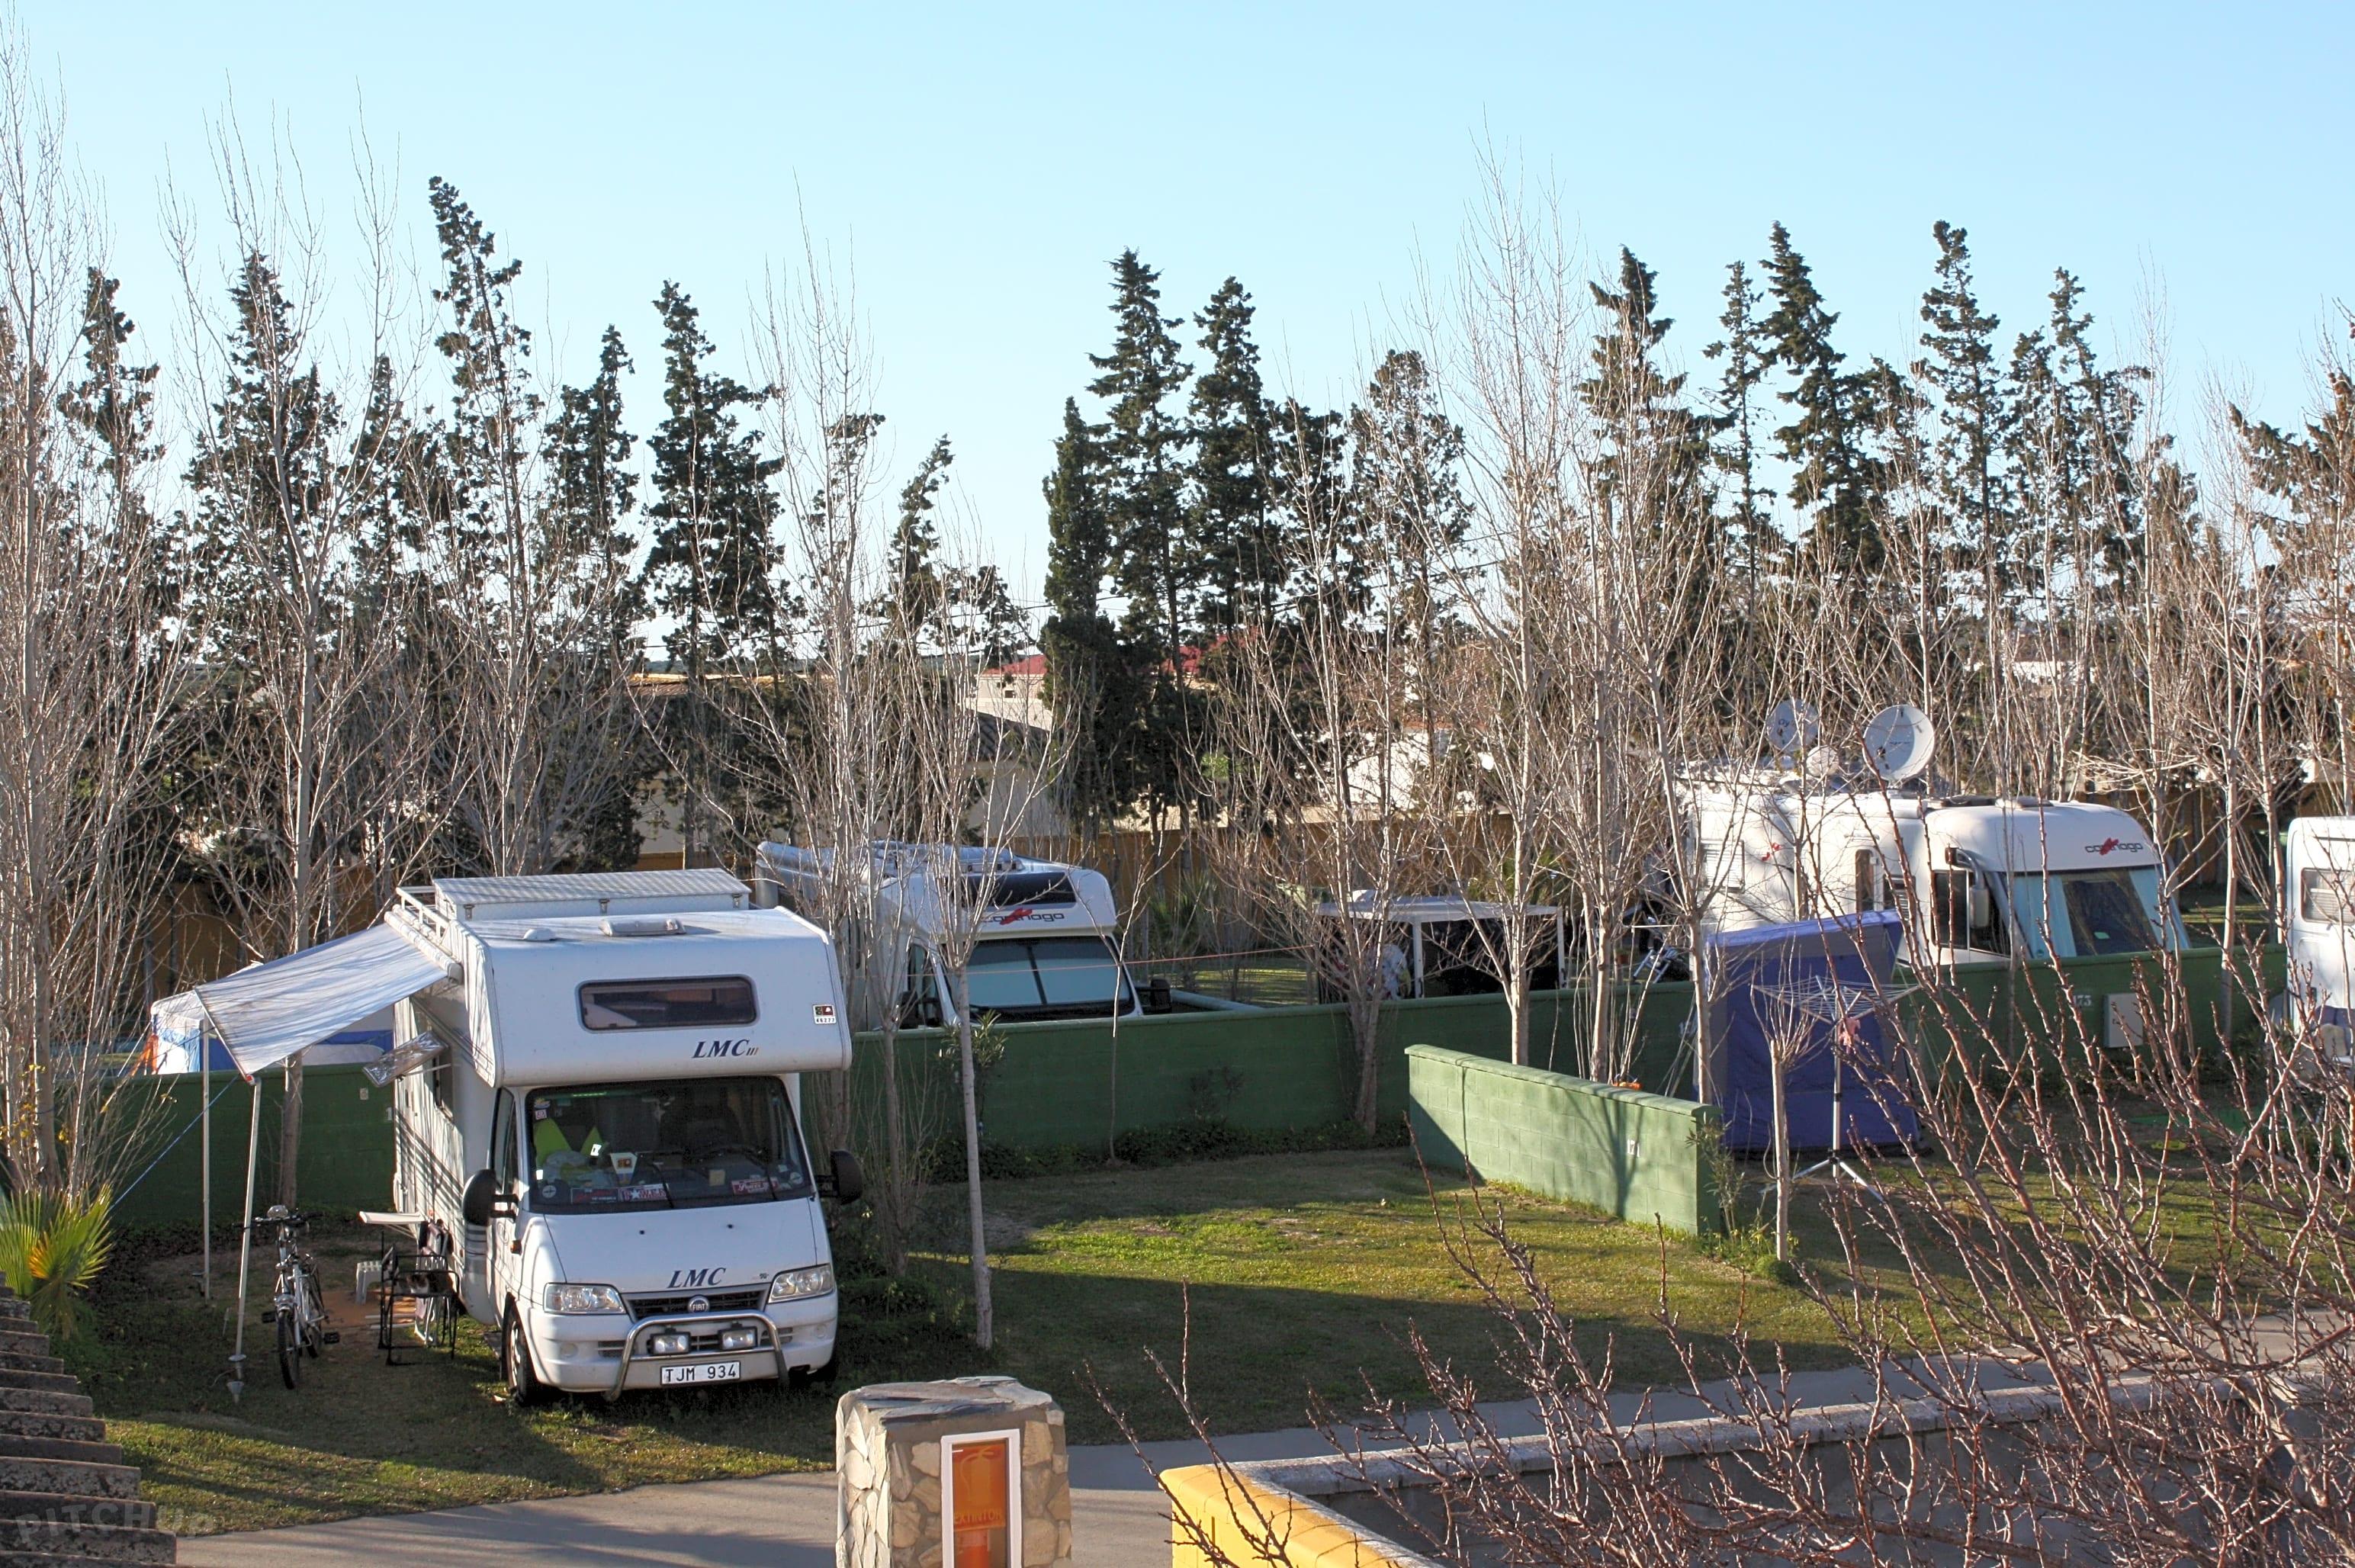 Camping Roche, Conil de la Frontera - Updated 2019 prices